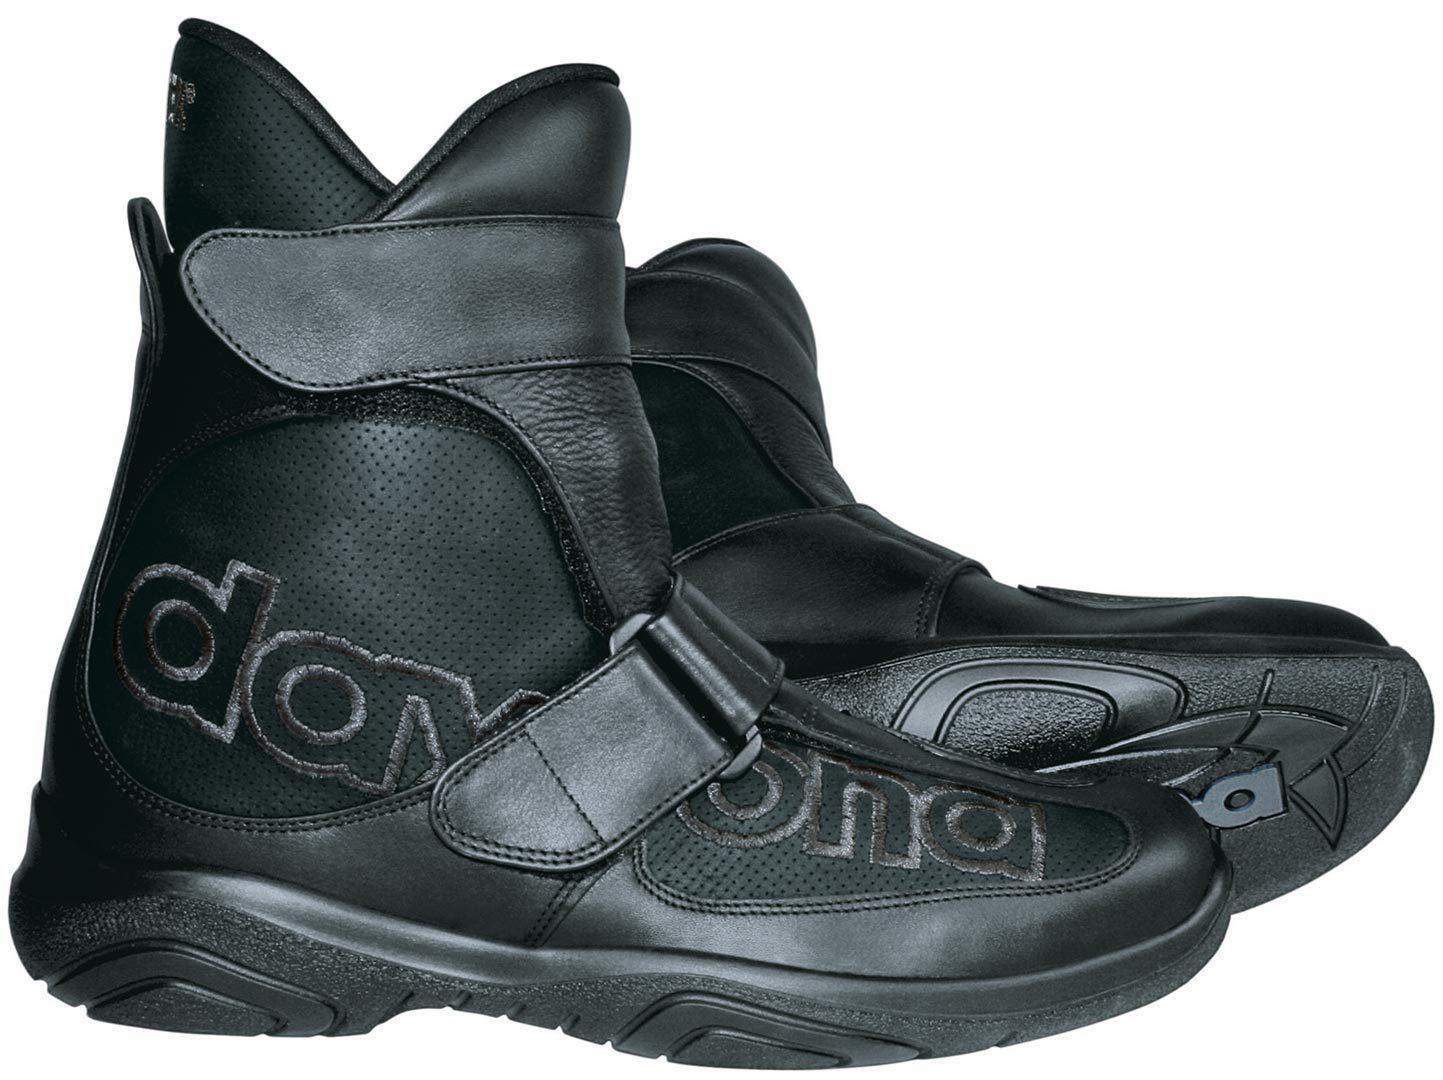 Daytona Journey GTX Gore-Tex wasserdichte Motorradstiefel, schwarz, Größe 43, schwarz, Größe 43